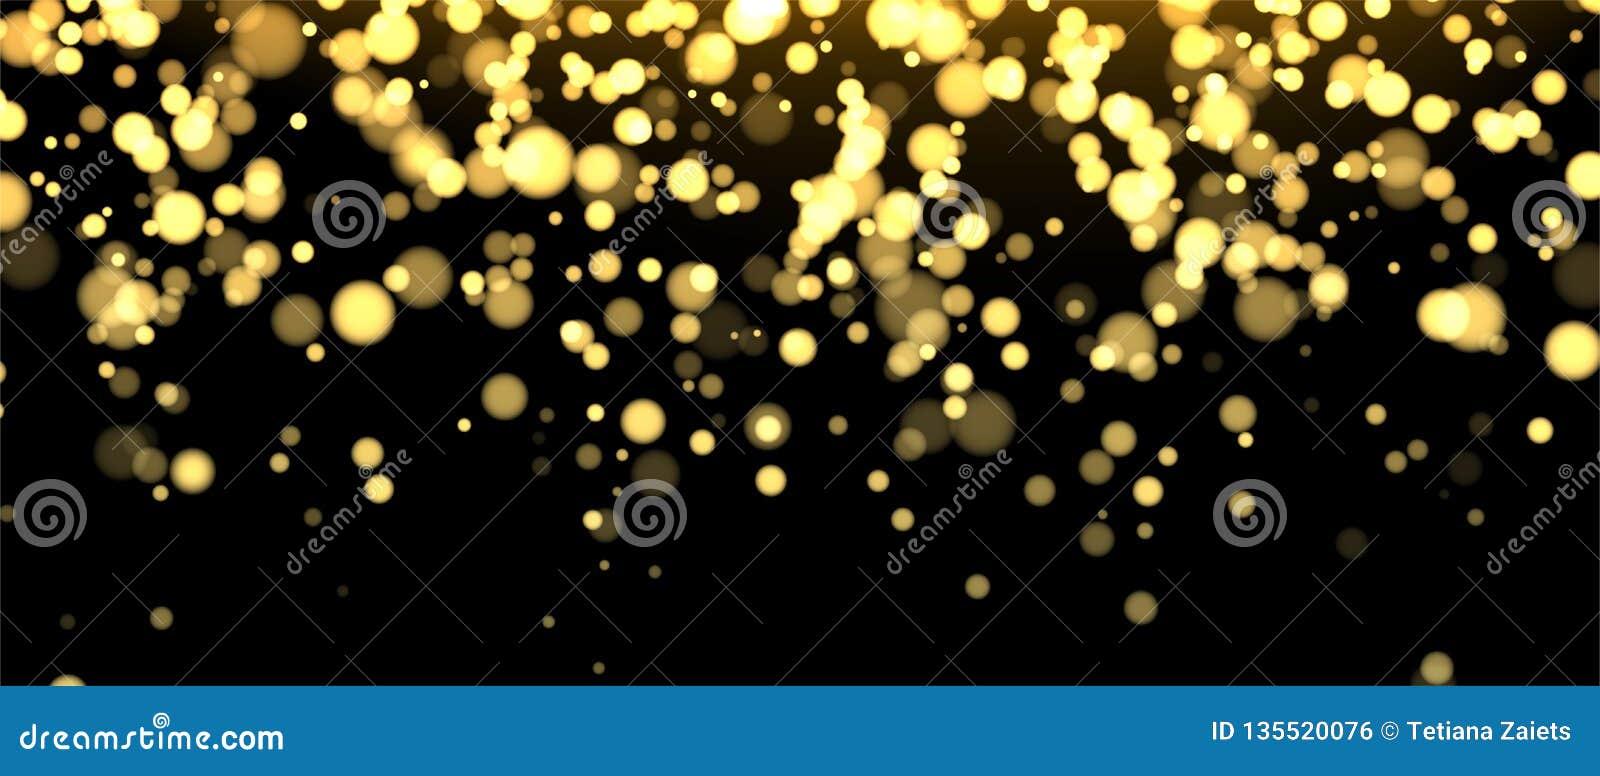 金子在黑背景的被弄脏的横幅 闪烁的落的五彩纸屑背景 豪华设计的金黄淡光纹理